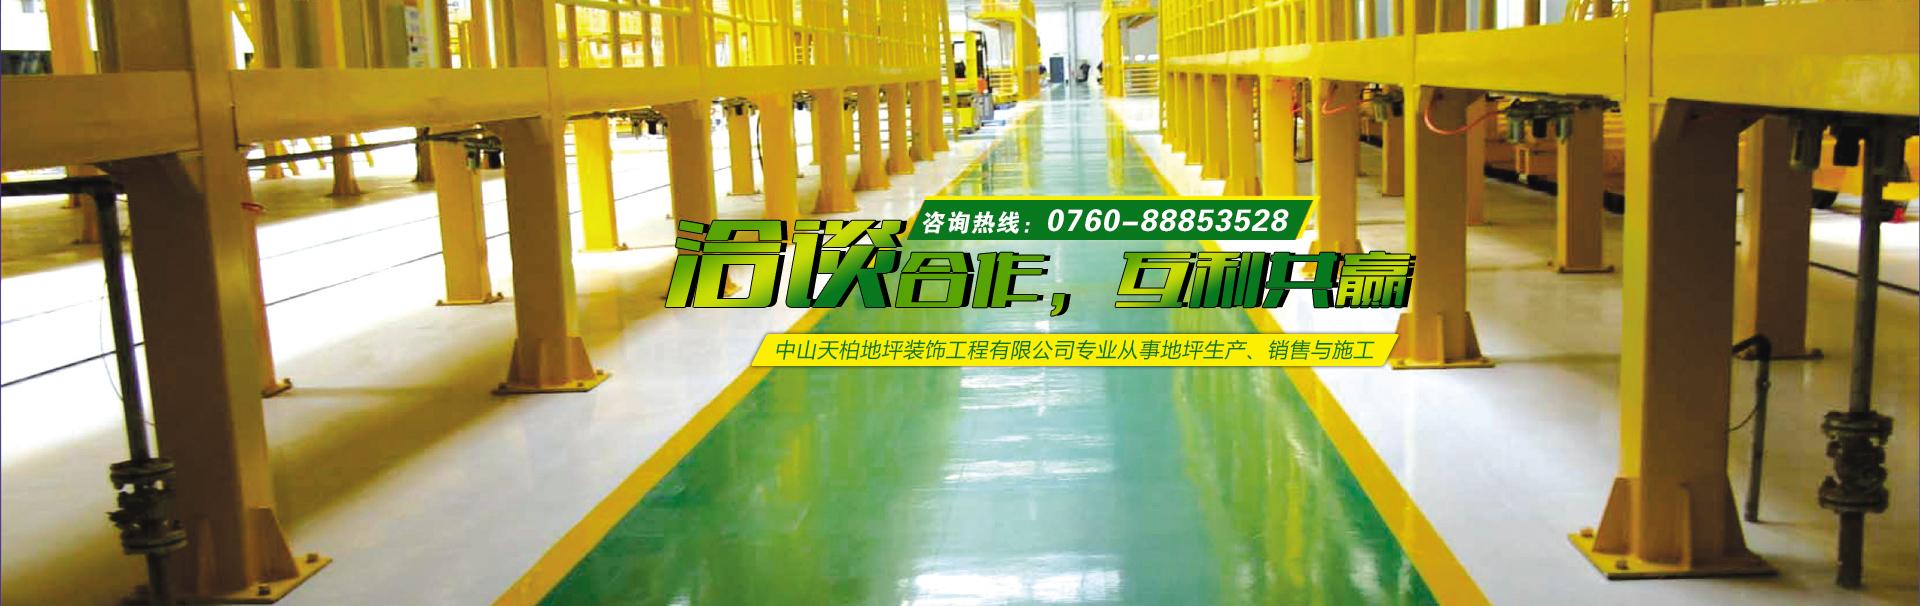 地坪漆材料